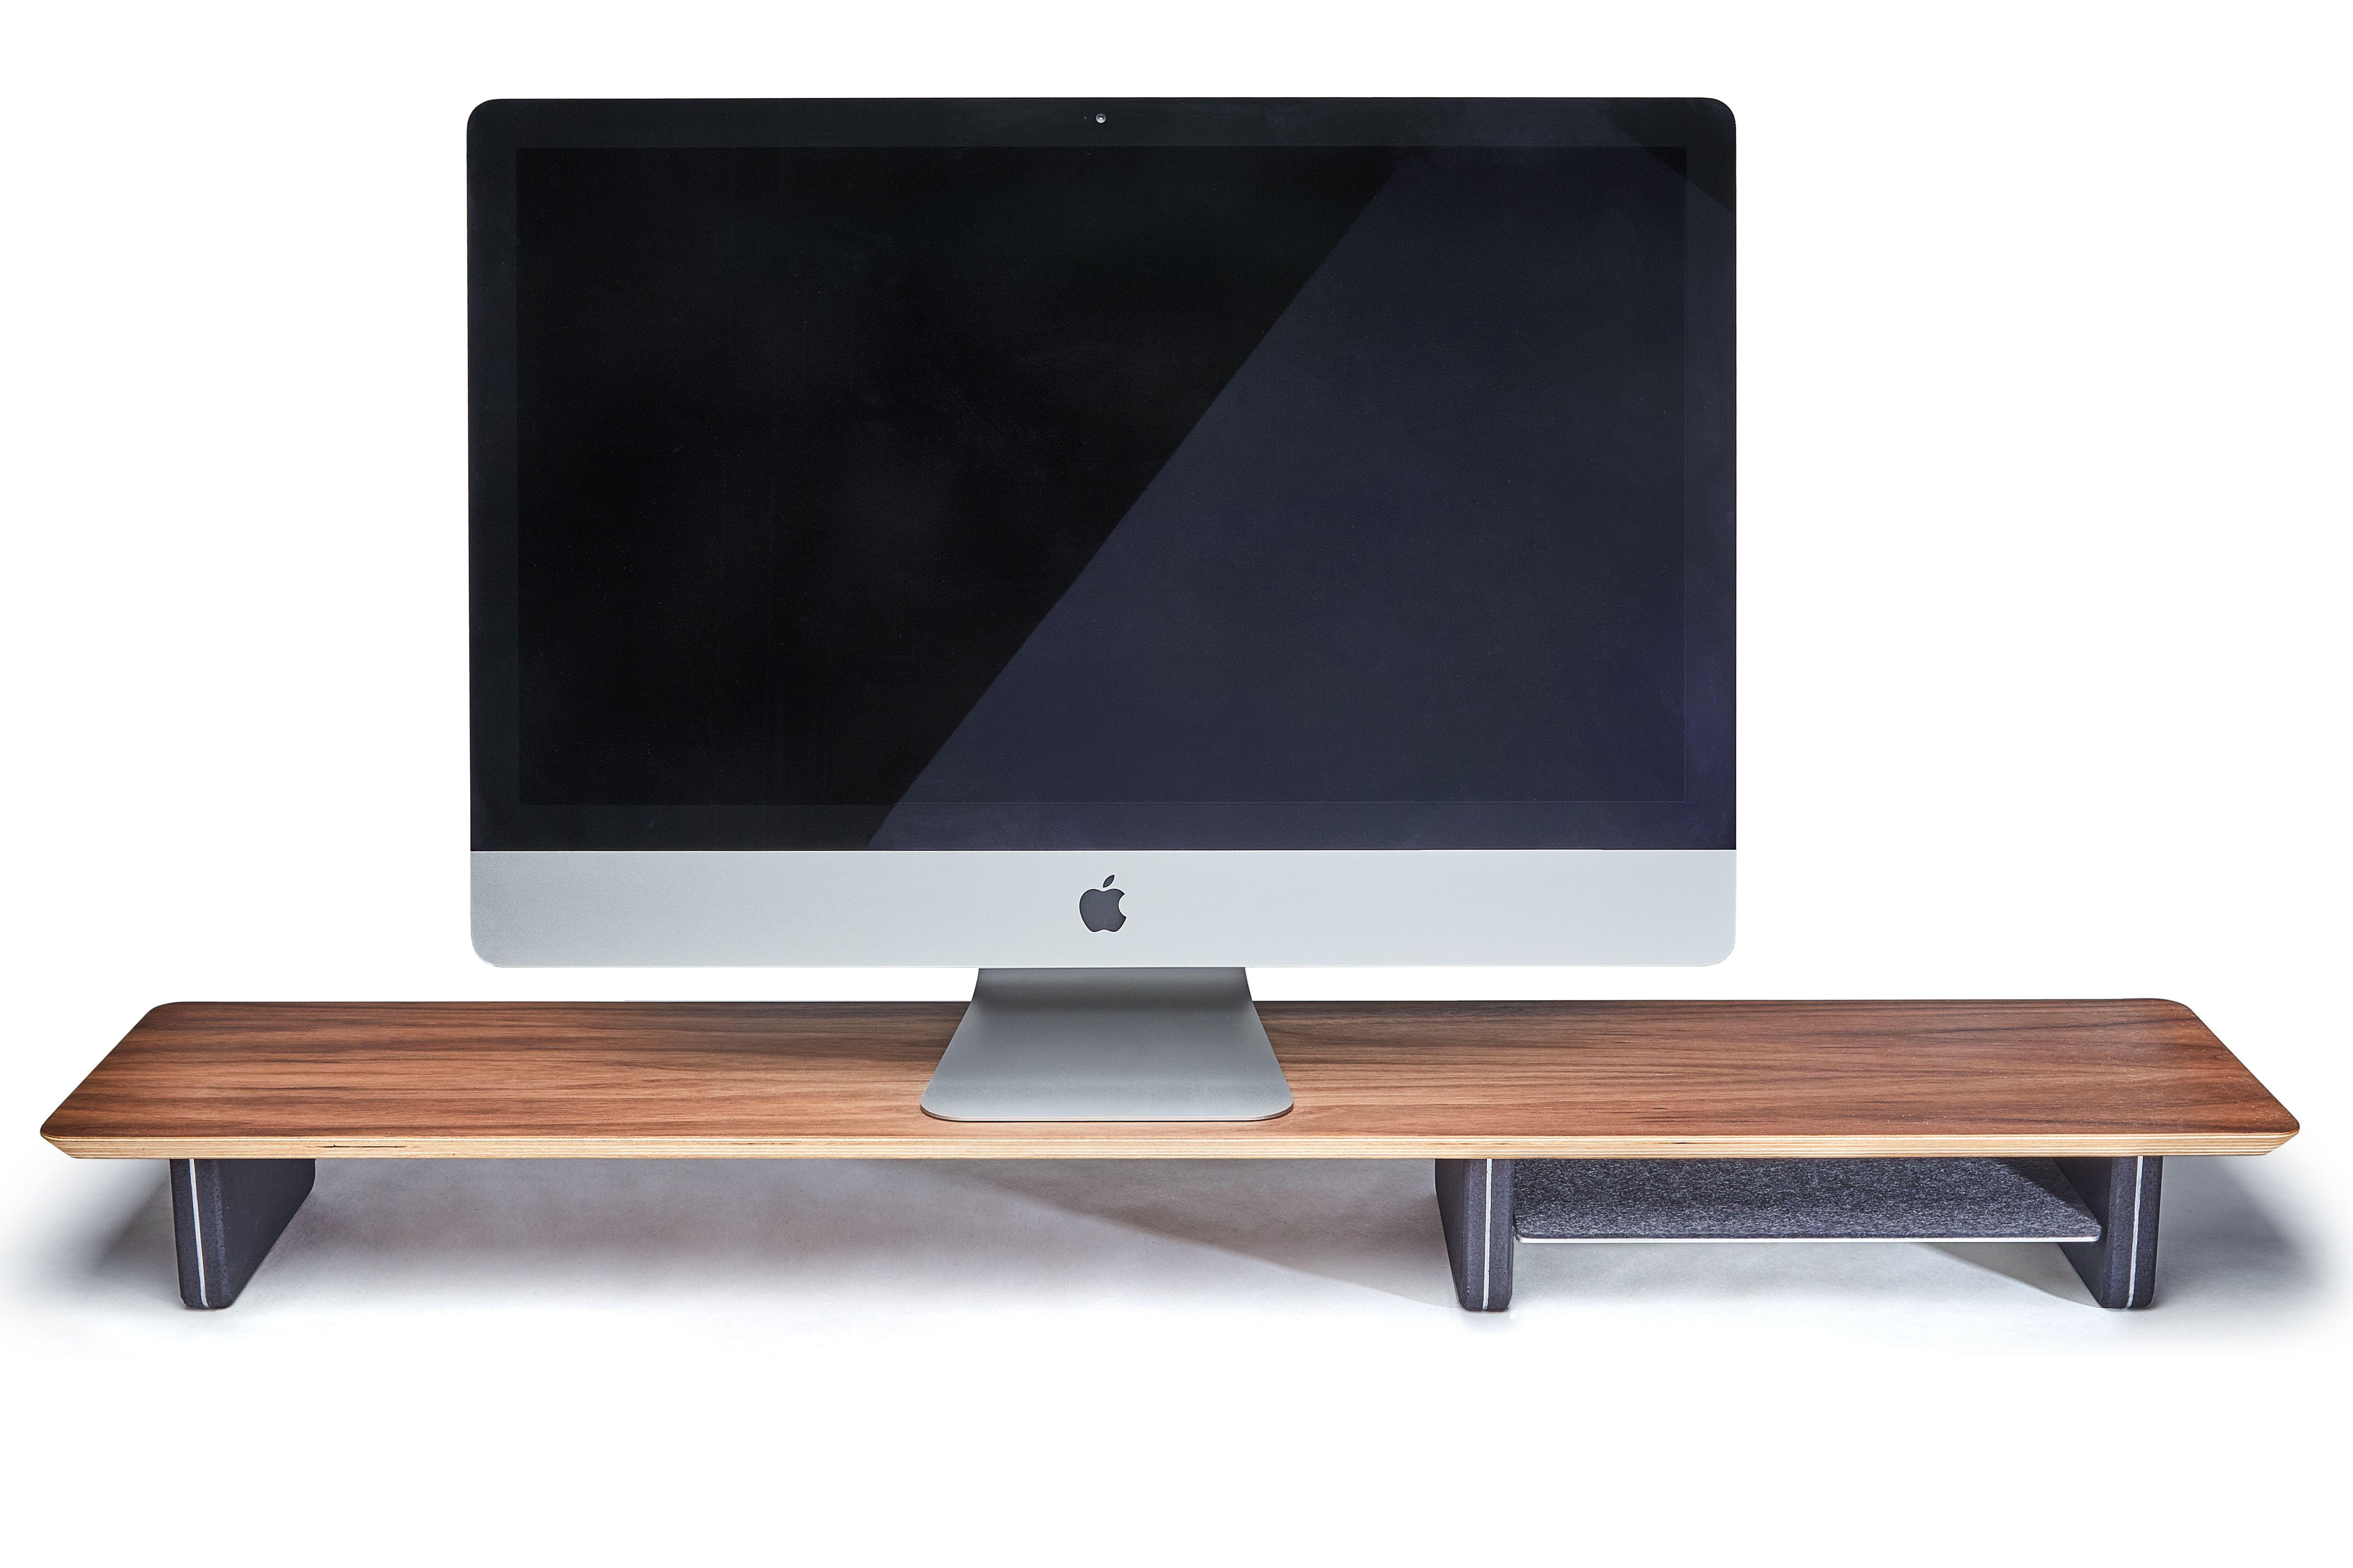 Wood Desk Shelf In 2020 Desk Shelves Walnut Desks Shelves